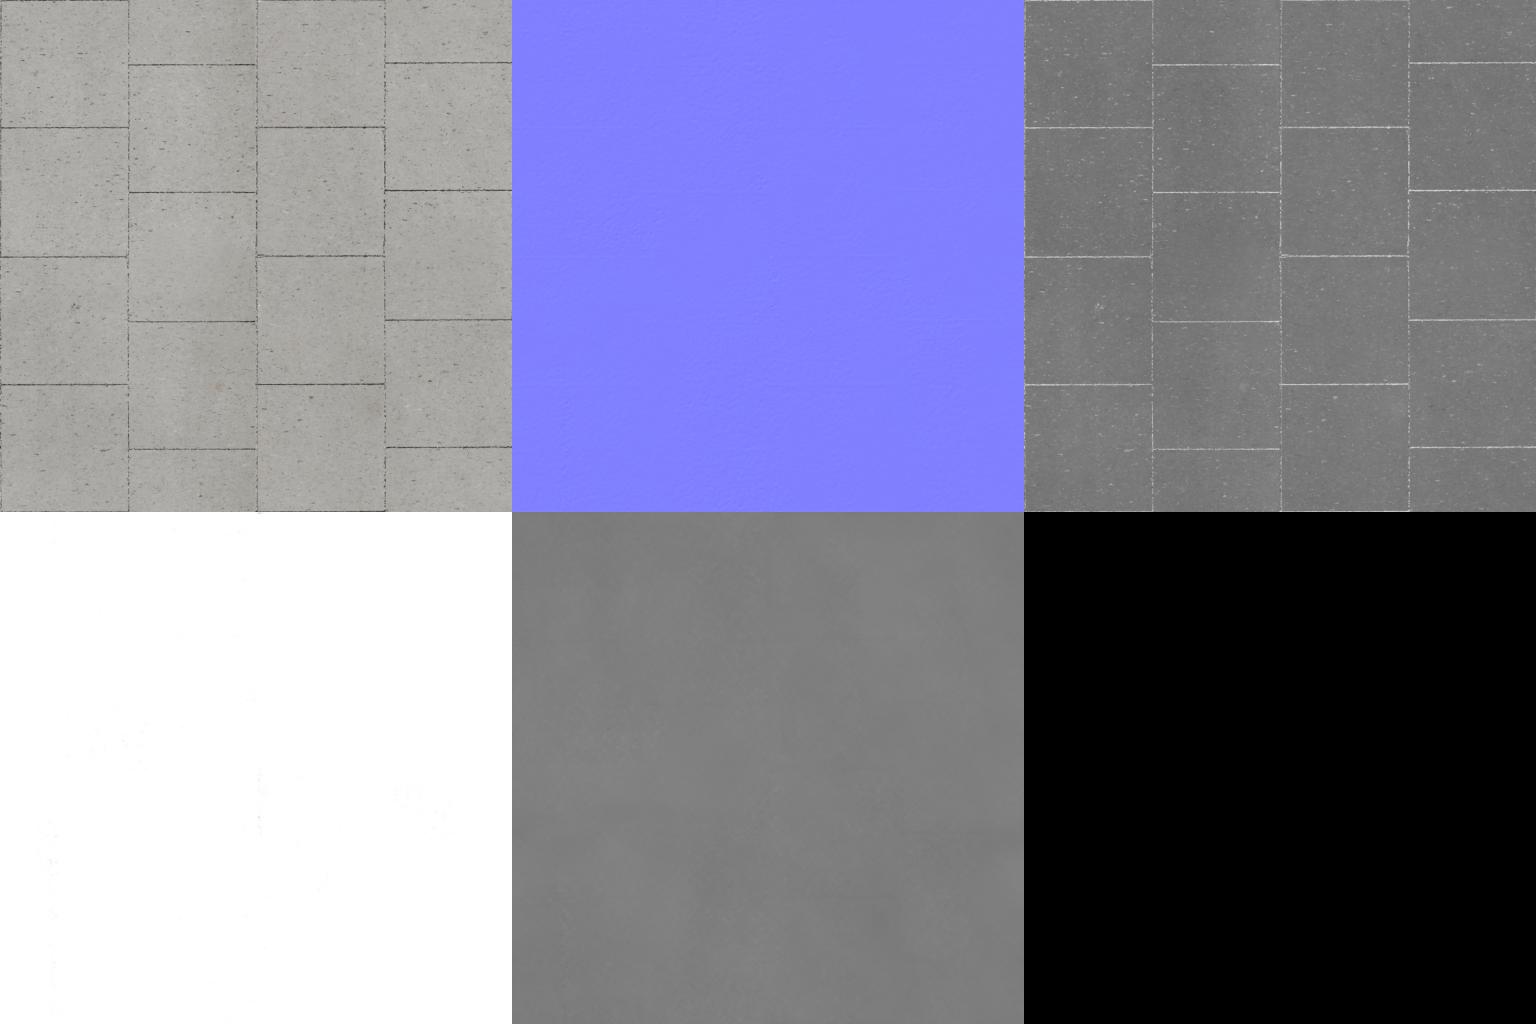 texturechart.png